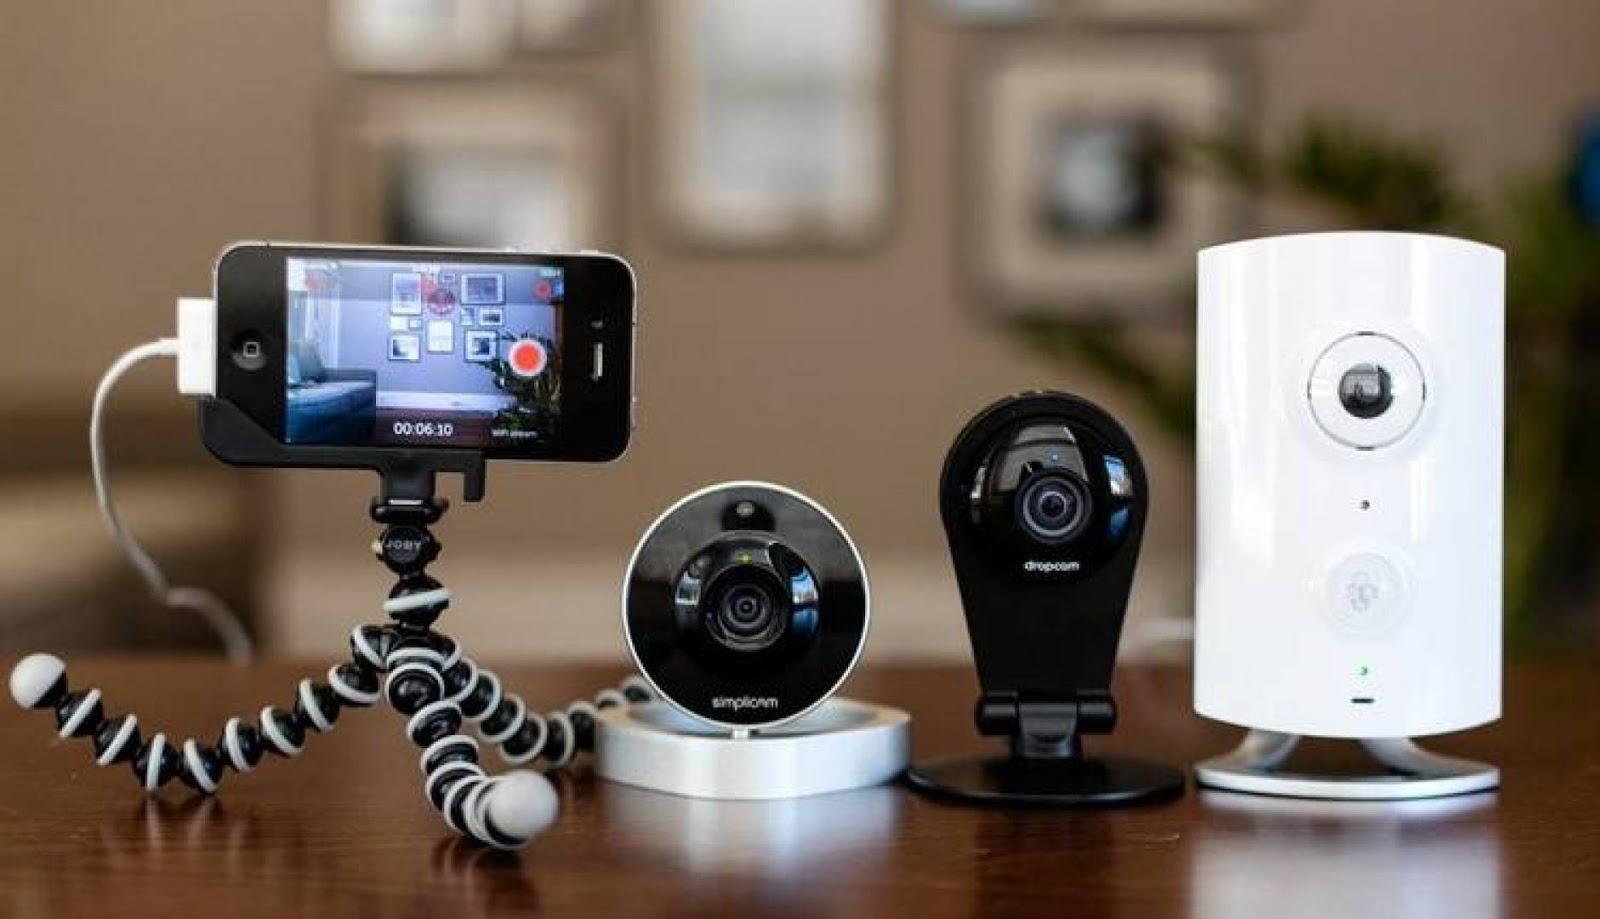 ابتكار تطبيق رائع يحول هاتفك القديم إلي كاميرا مراقبة